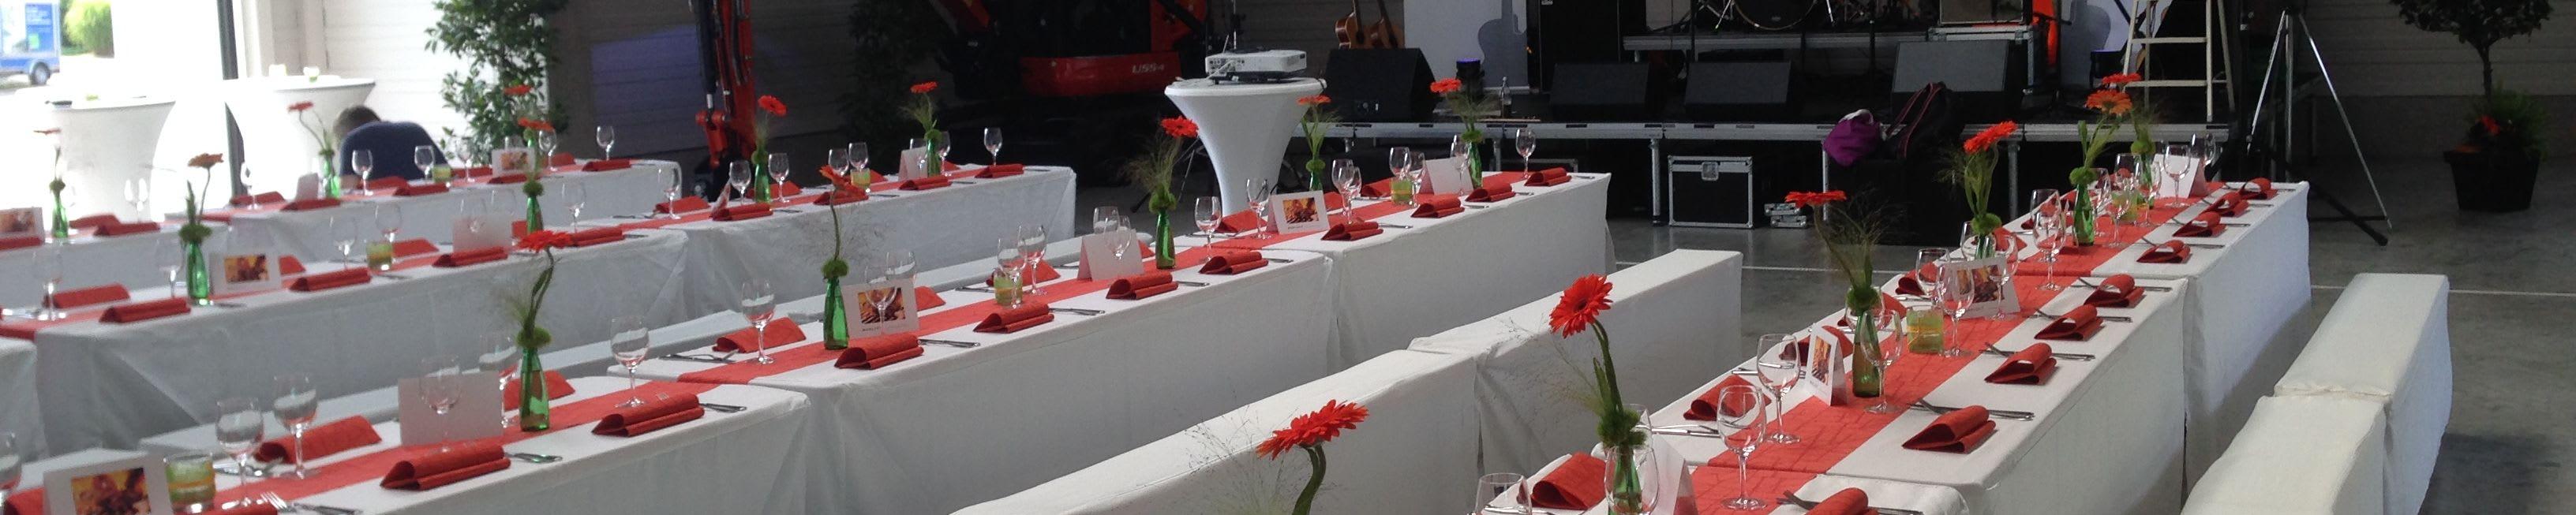 Alte Kelter Tischreihen mit roter Dekoration